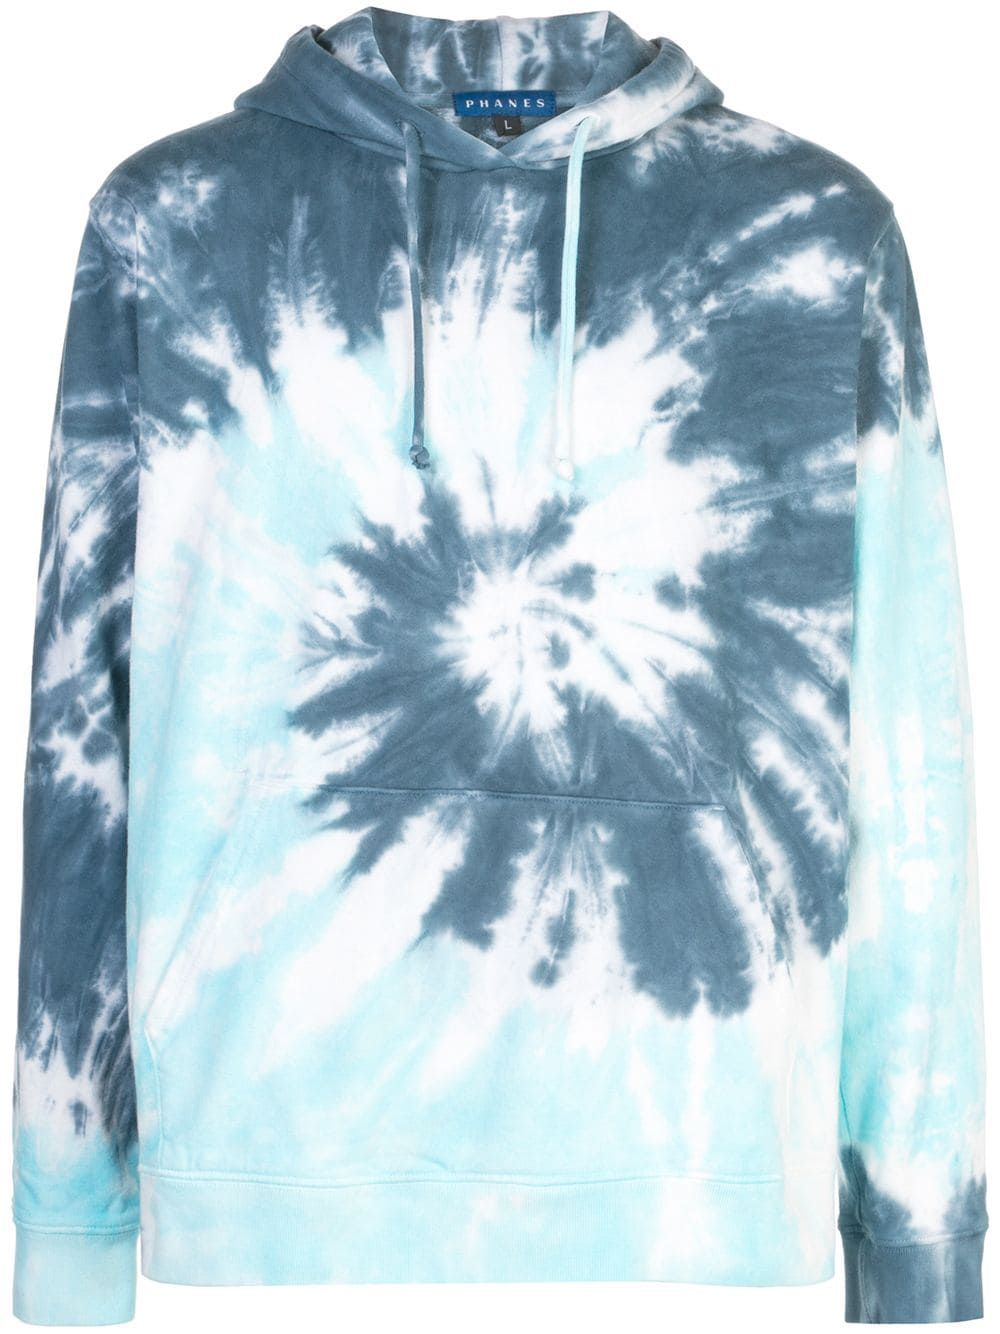 Phanes Tie Dye Hoodie Blue Tie Dye Hoodie Tie Dye Outfits Tie Dye [ 1334 x 1000 Pixel ]